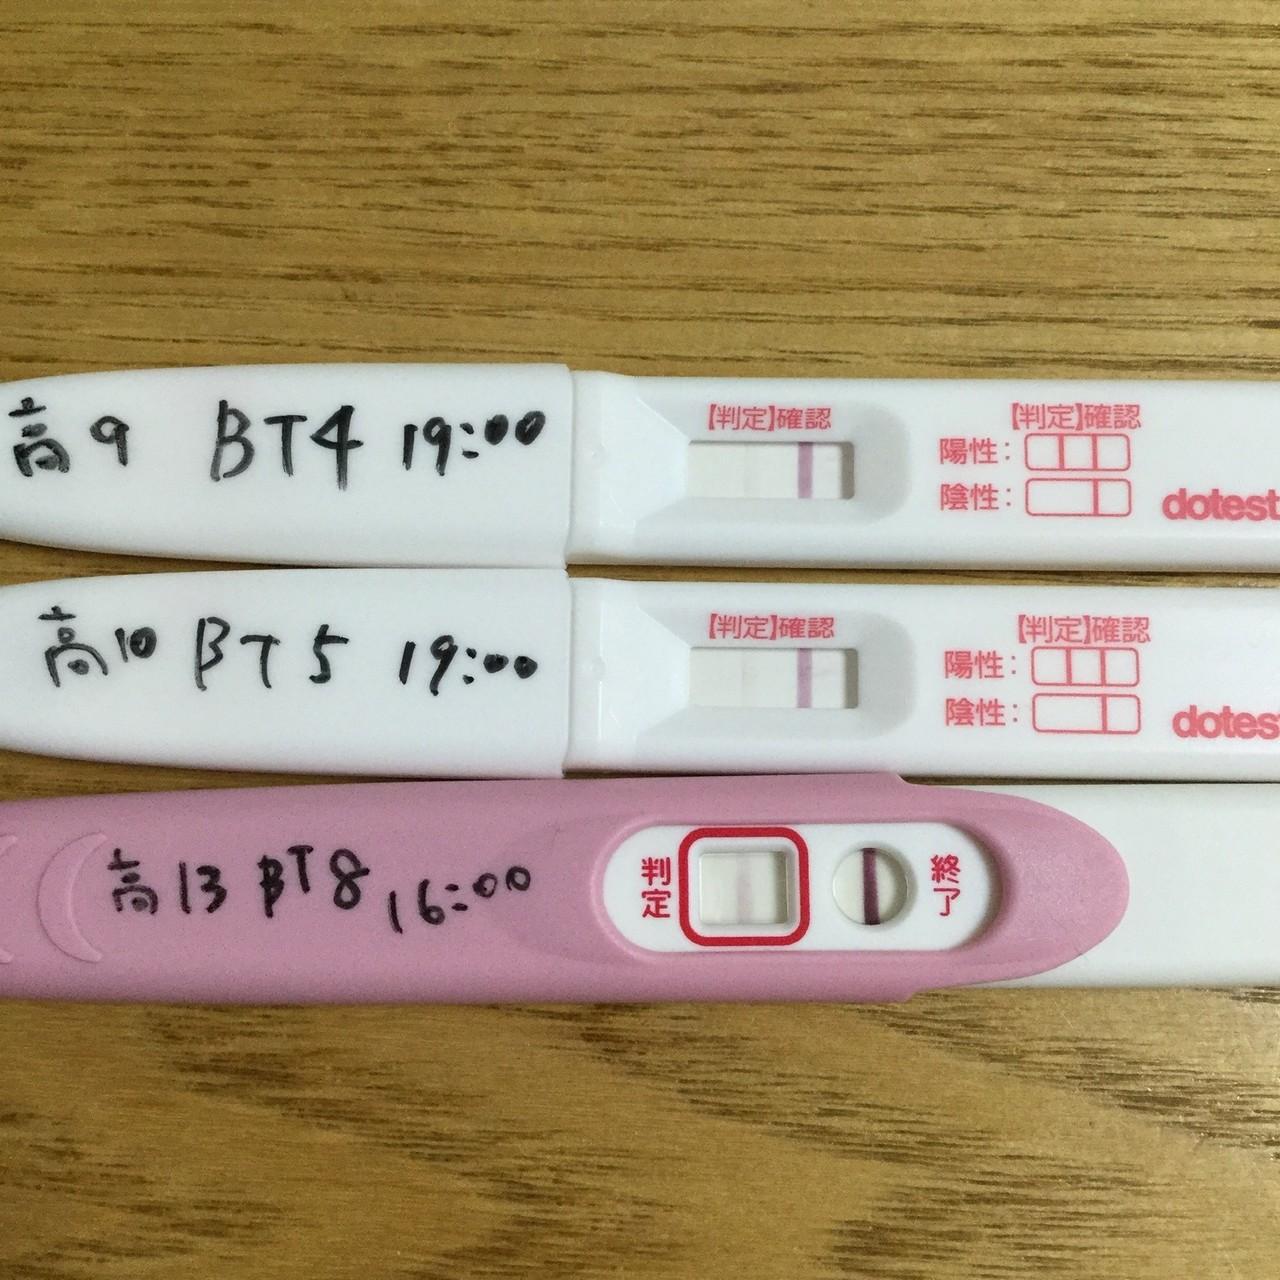 フライング 薬 生理 日 妊娠 検査 予定